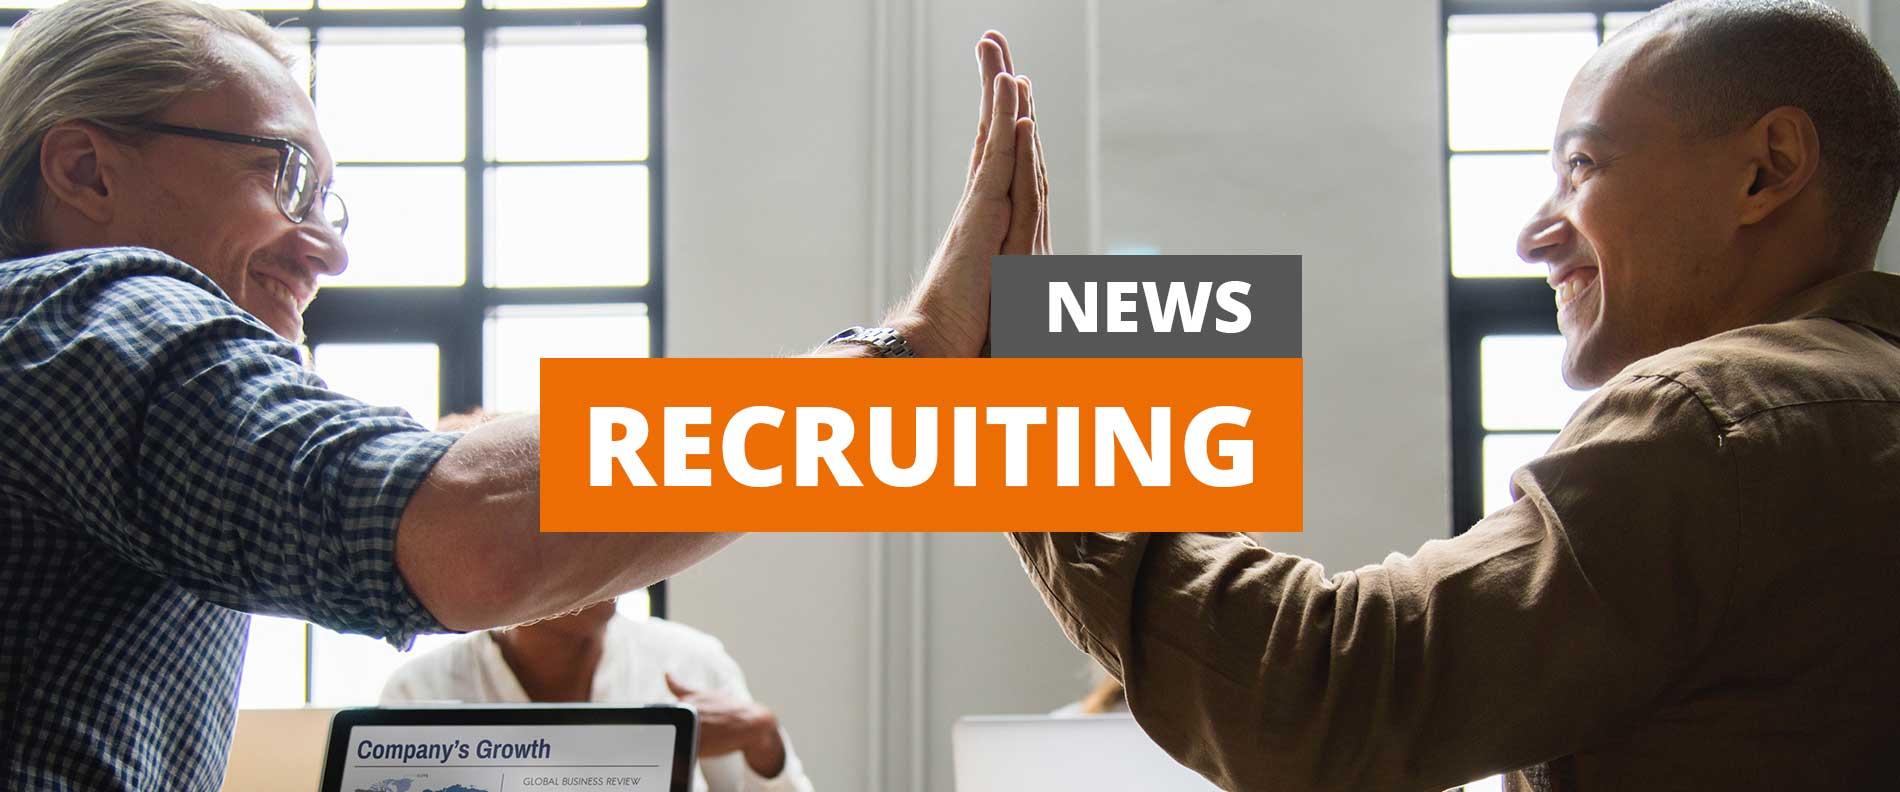 recruiting-news_homepage_26.11.